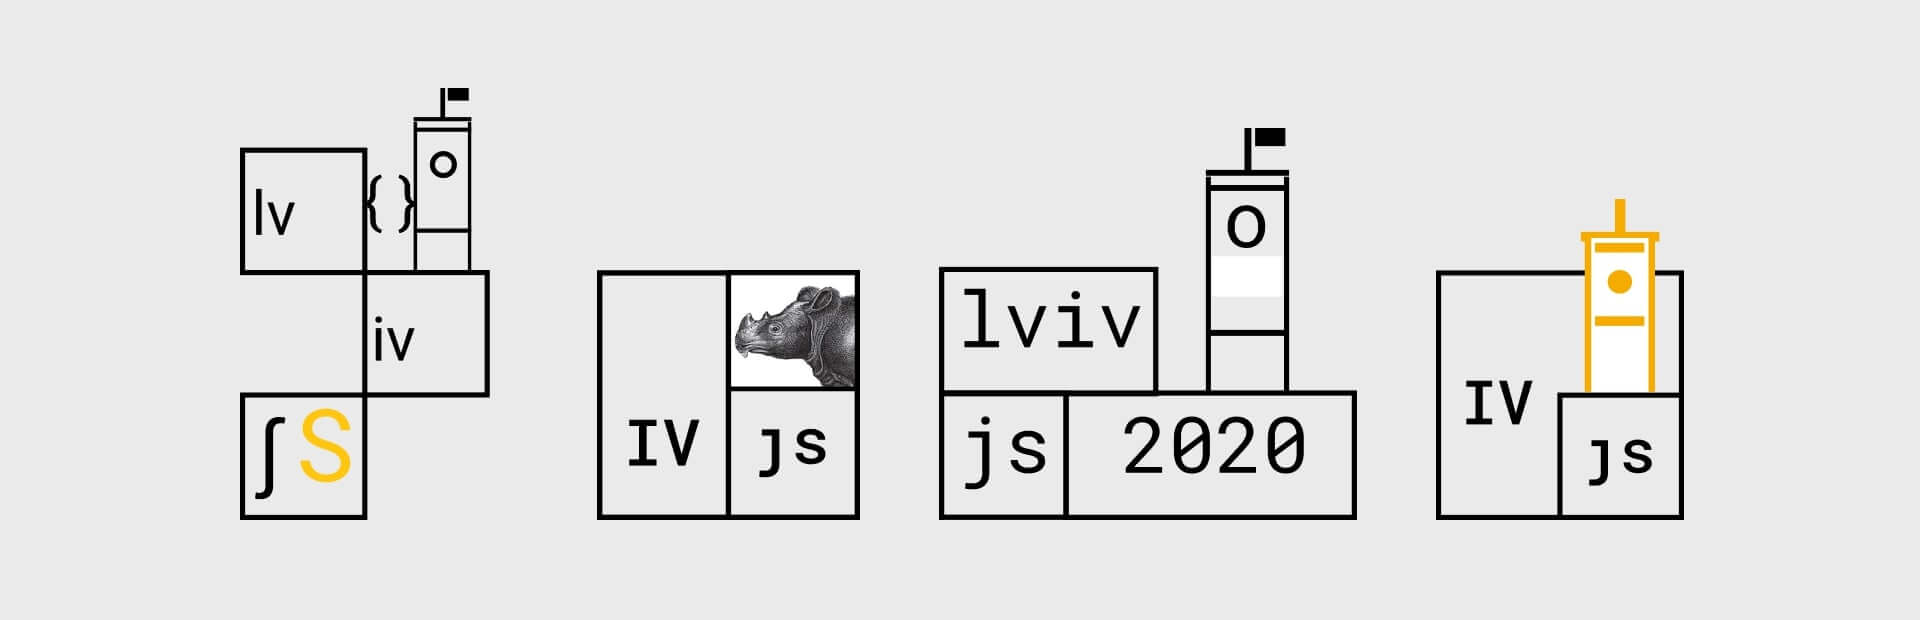 lvivjs-dynamic-icons-desktop@1x